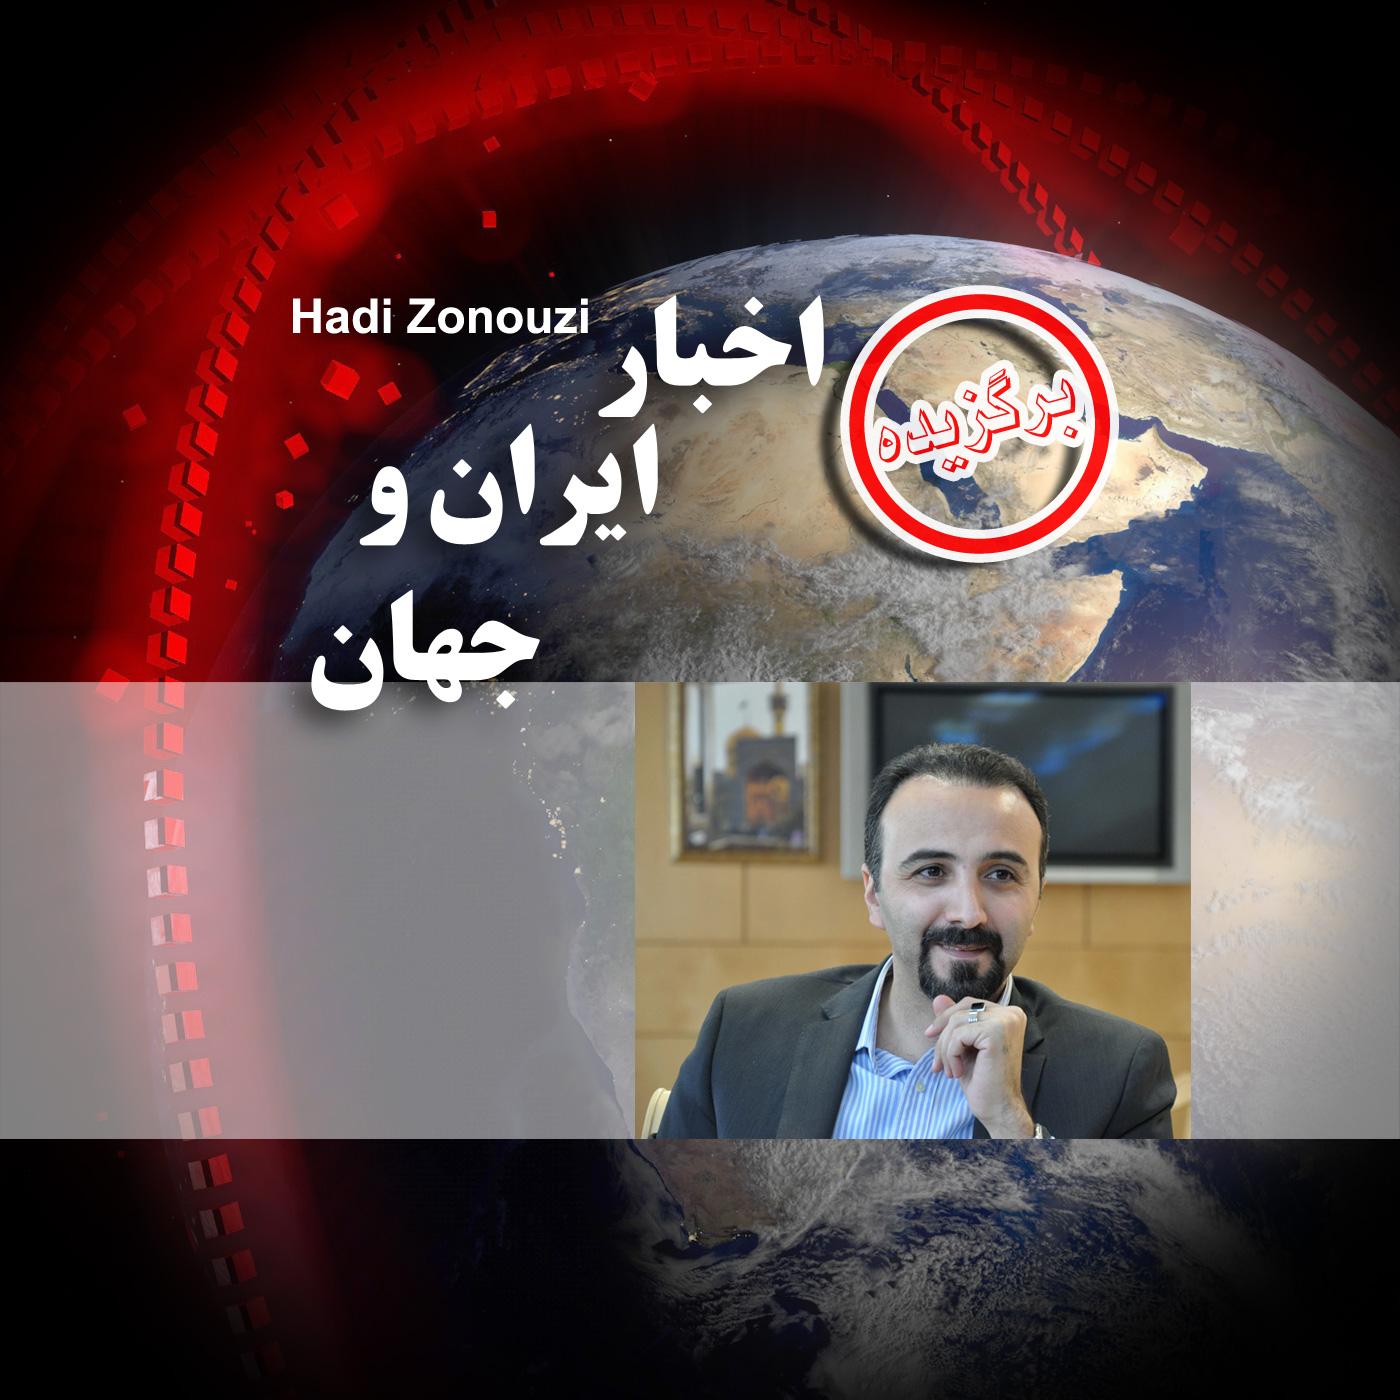 اخبار ایران و جهان